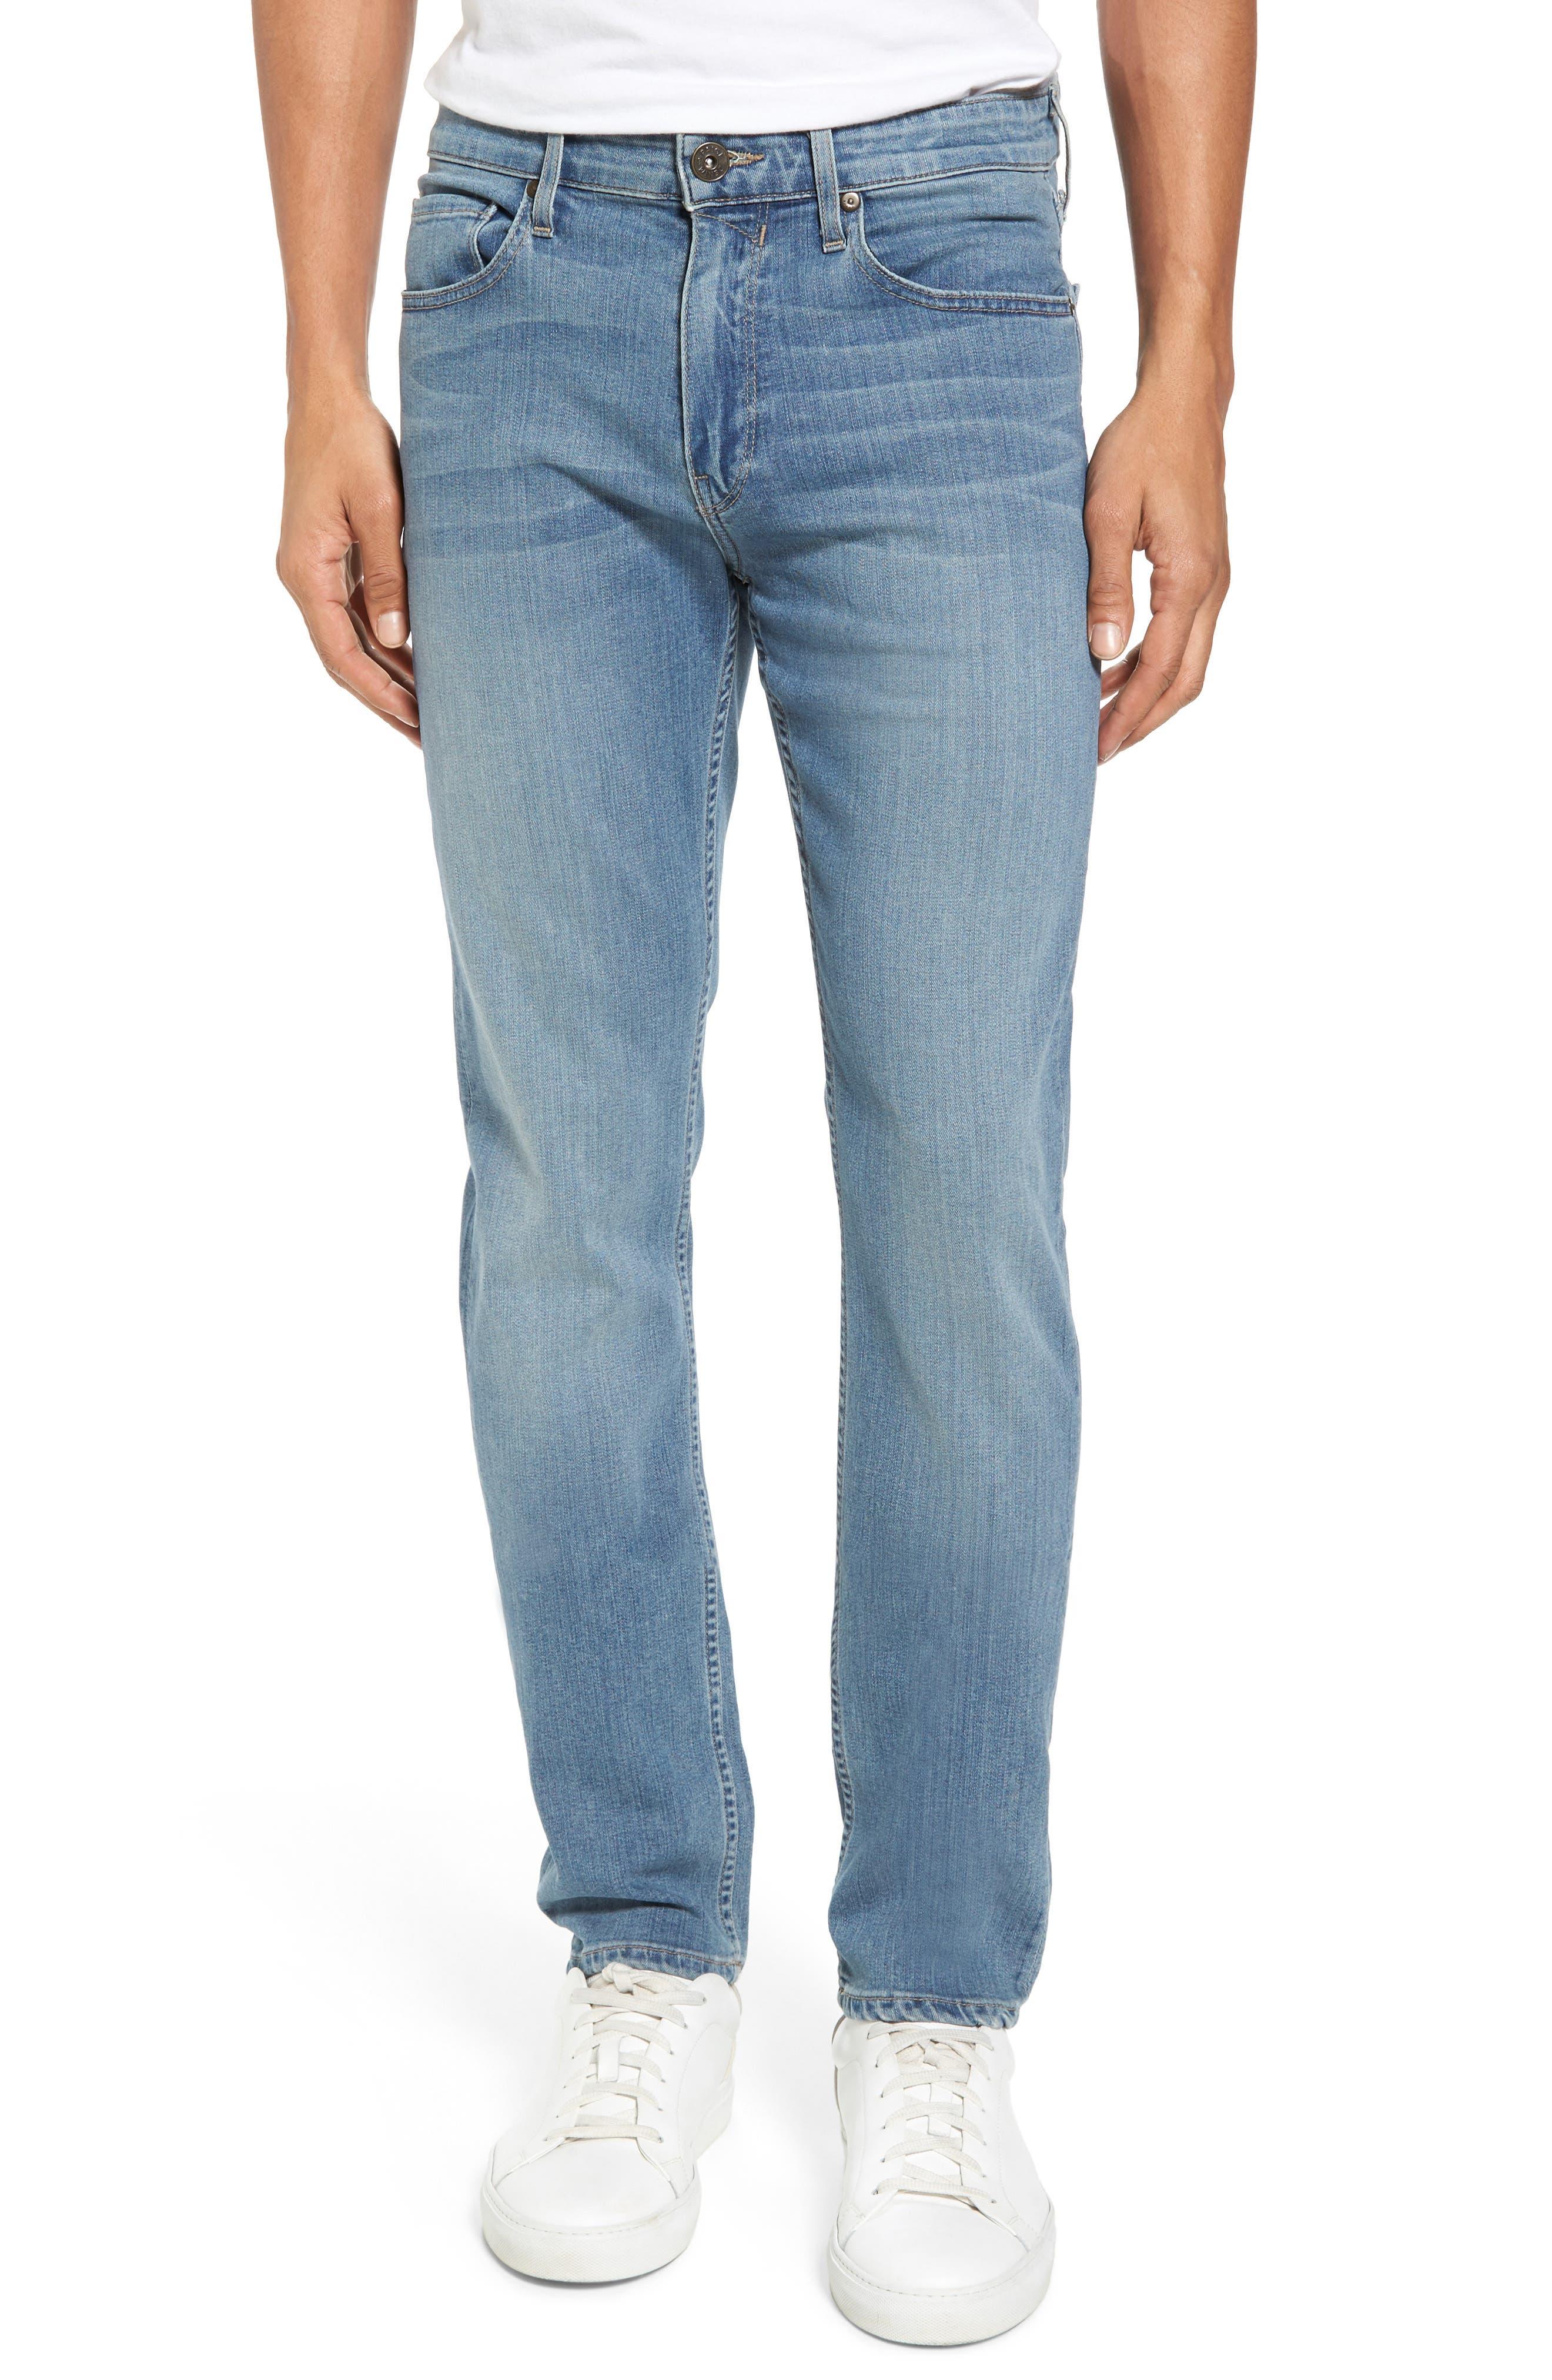 Transcend - Lennox Slim Fit Jeans,                             Main thumbnail 1, color,                             Liam